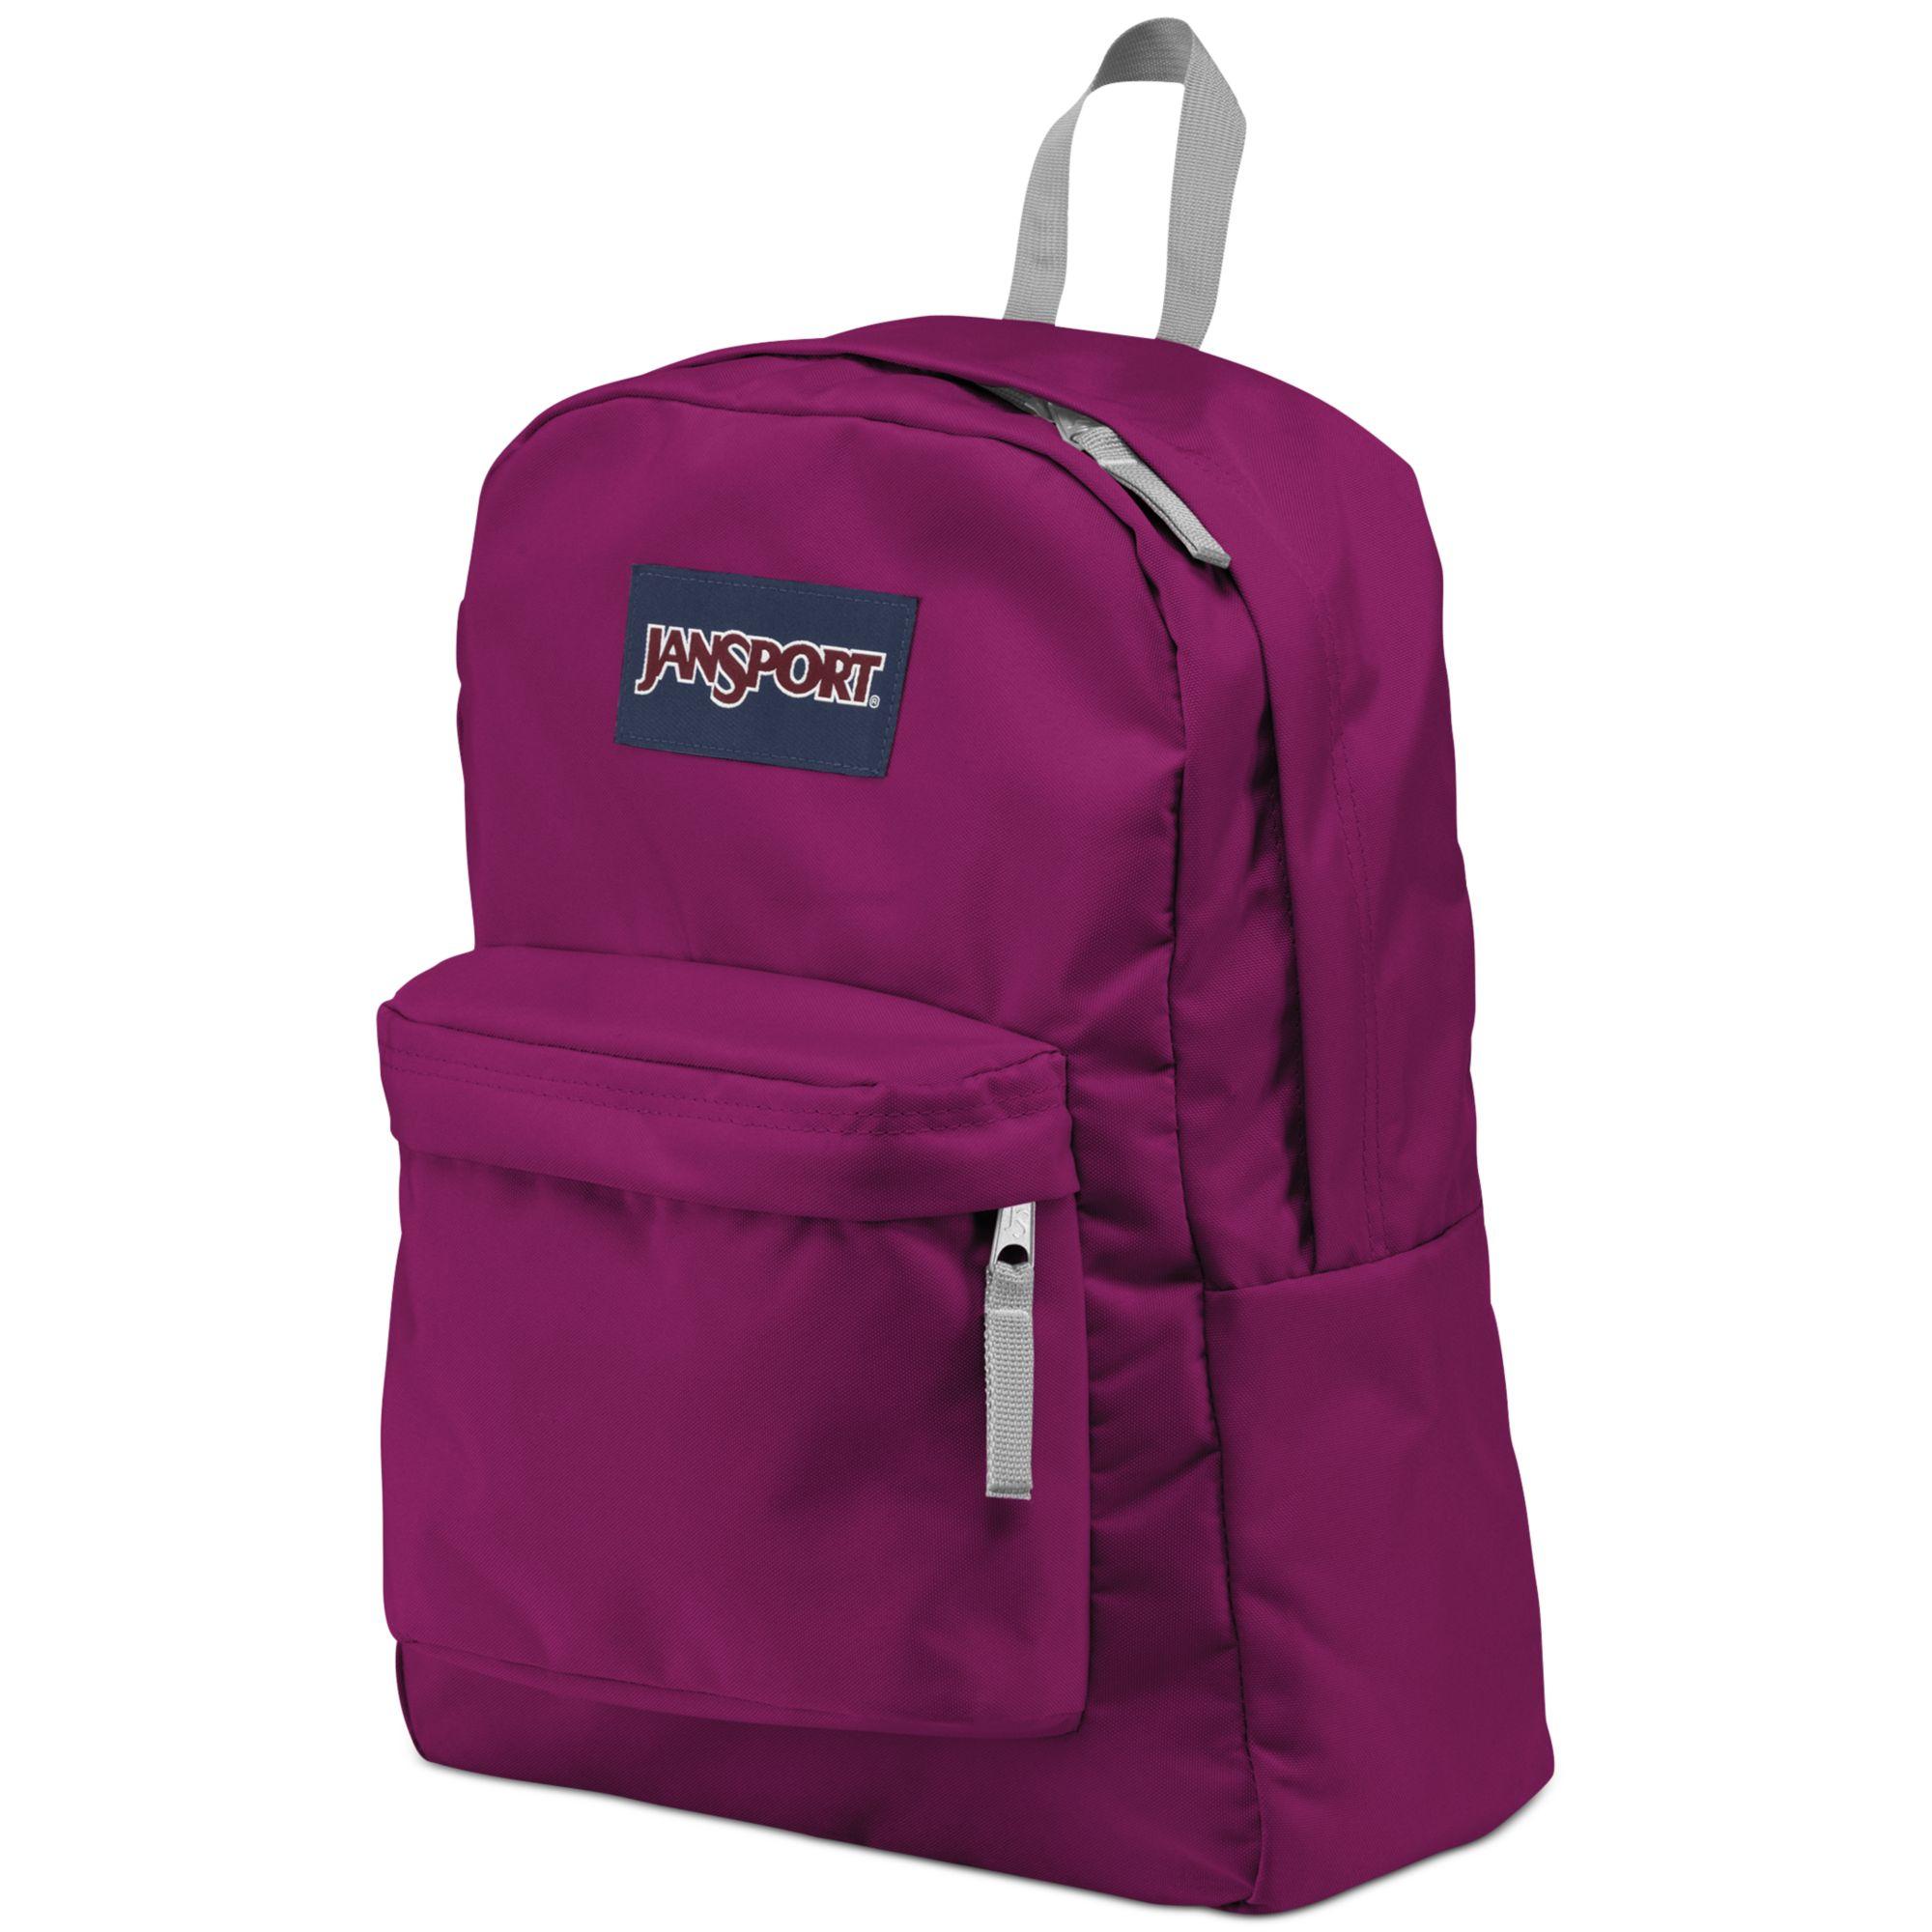 Jansport Superbreak Backpack in Purple for Men